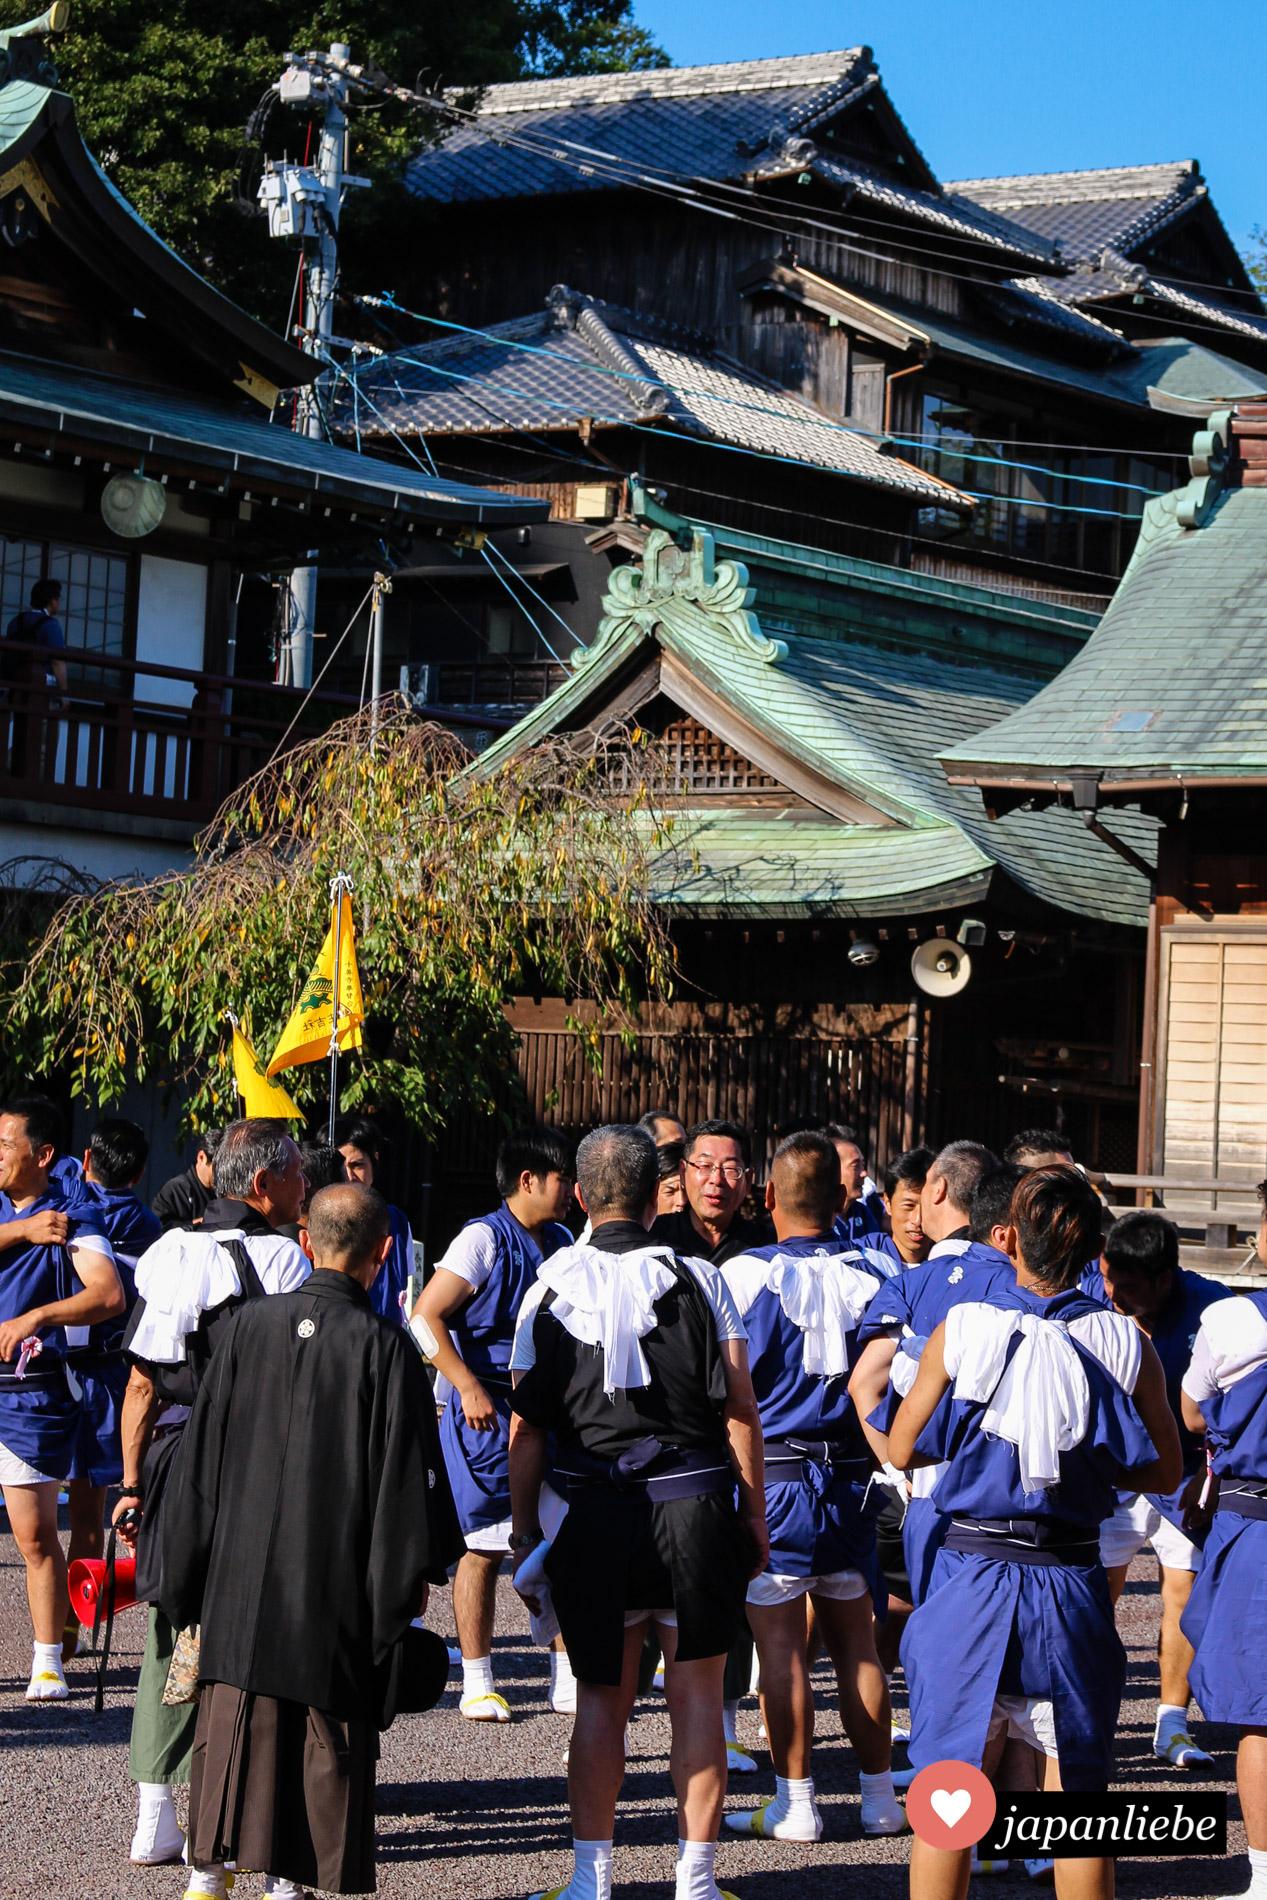 Die Träger der Schreinsänfte am Suwa Schrein in Nagasaki sind nach getaner Arbeit sichtlich erleichtert und erschöpft.